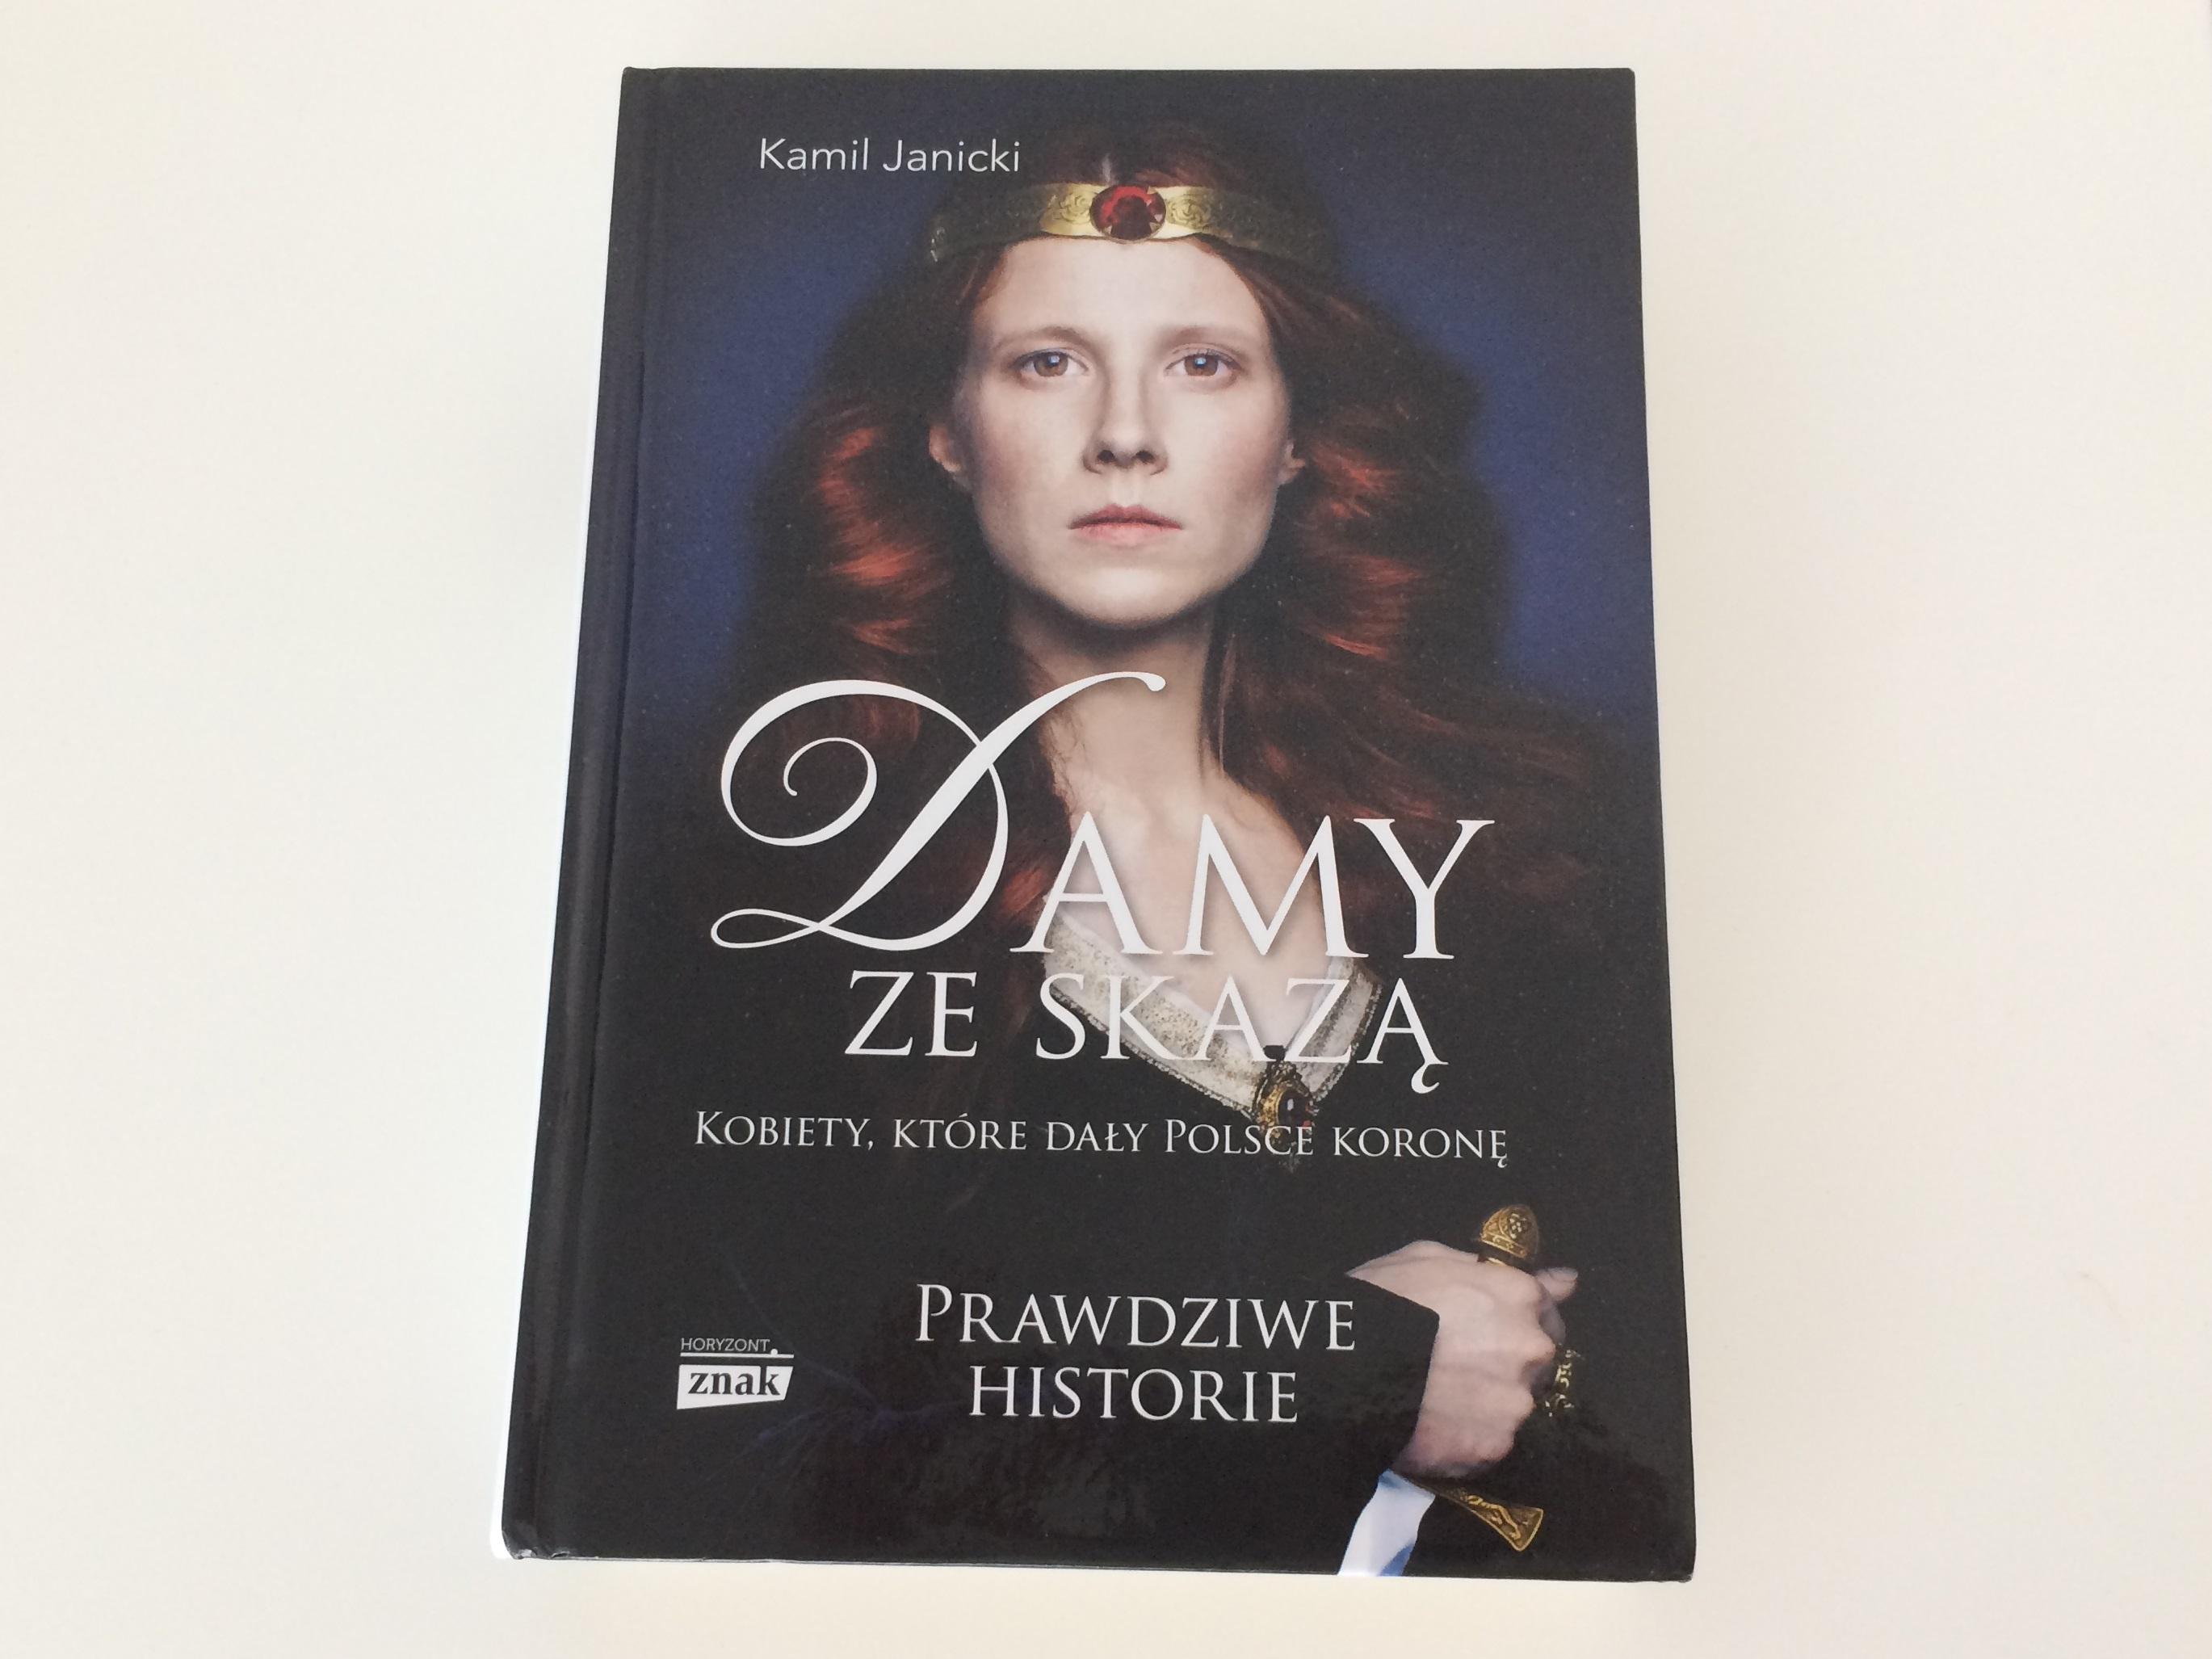 Kamil Janicki - Damy ze skazą